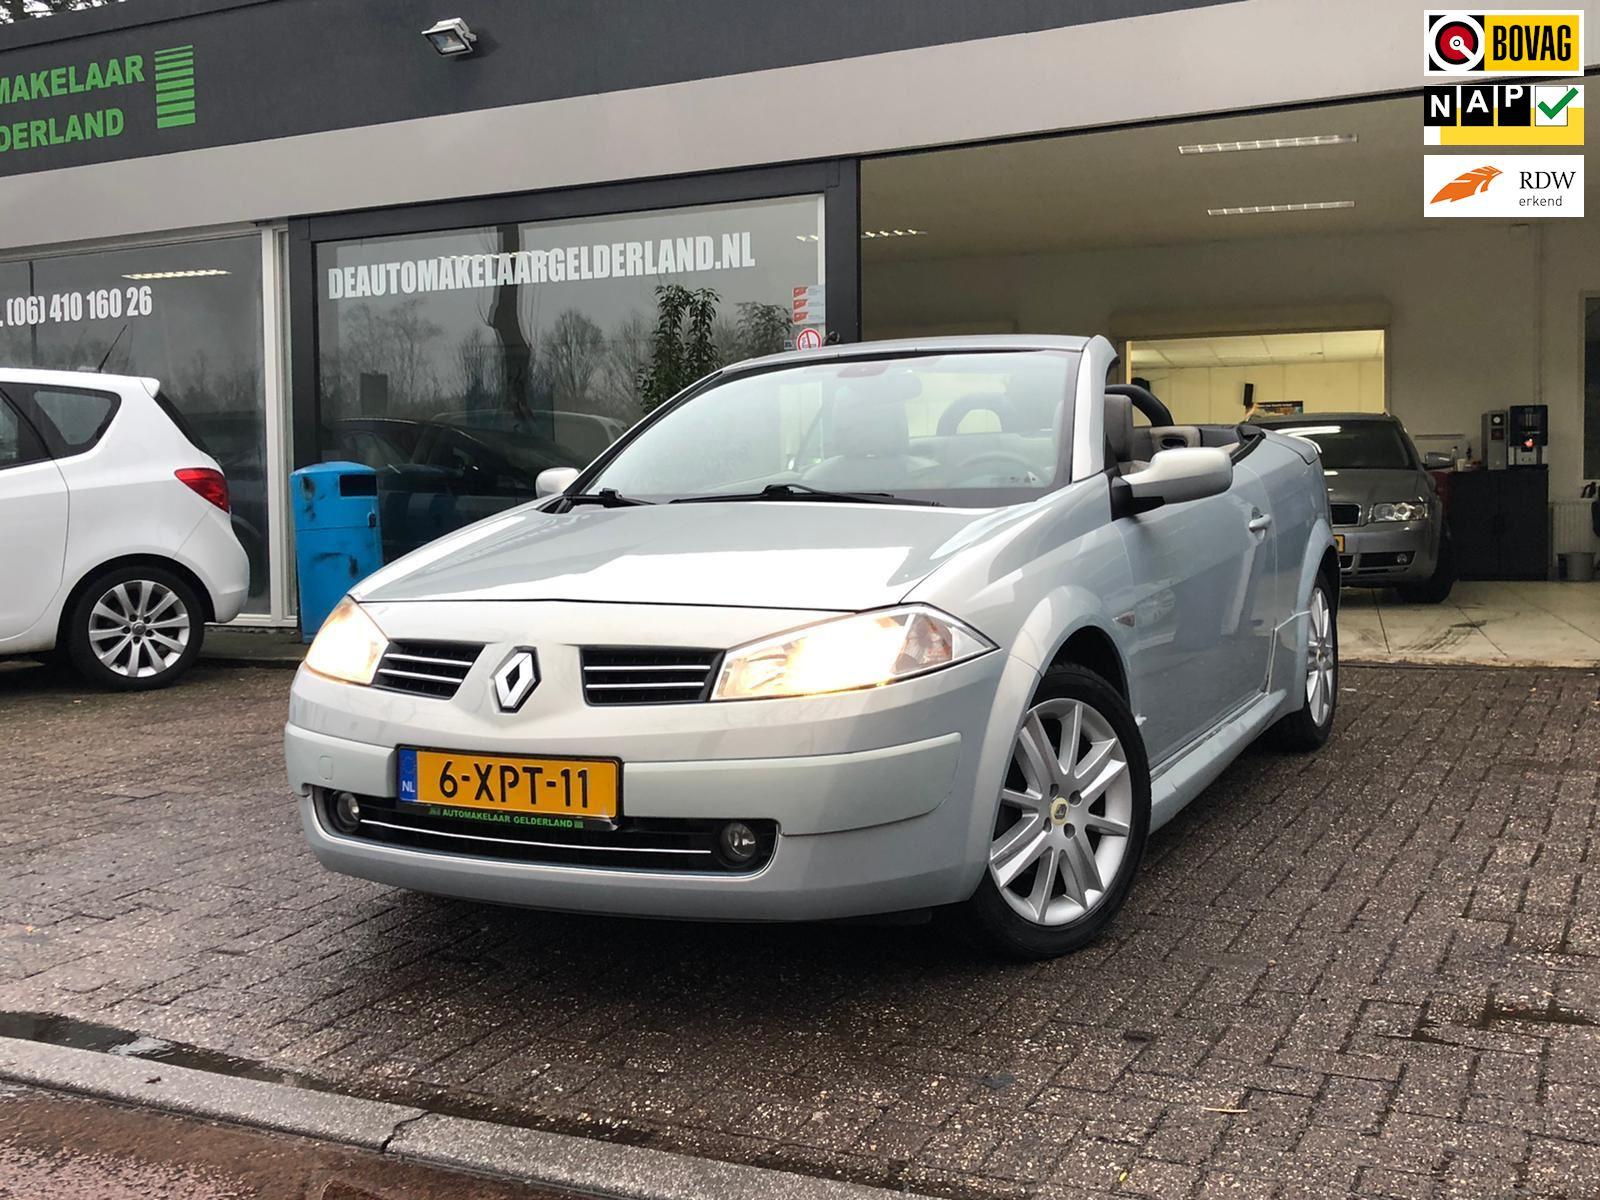 Renault Mégane coupé cabriolet occasion - De Automakelaar Gelderland